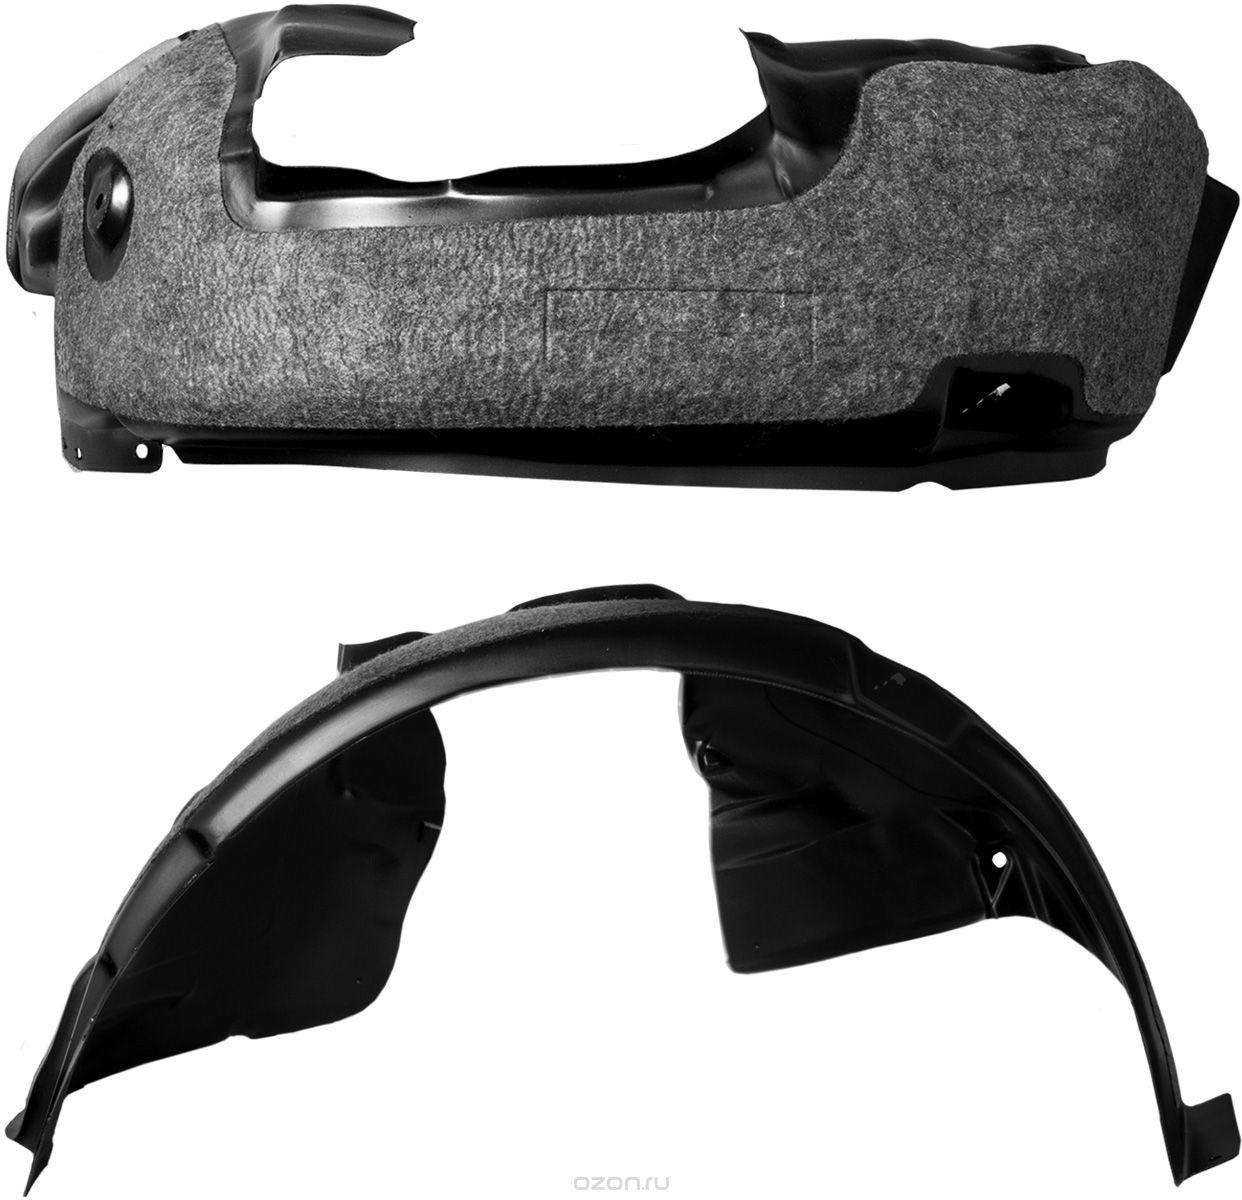 Подкрылок Novline-Autofamily с шумоизоляцией, для Kia Sportage, 2016->, кроссовер, задний левыйNLS.25.44.003Идеальная защита колесной ниши. Локеры разработаны с применением цифровых технологий, гарантируют максимальную повторяемость поверхности арки. Изделия устанавливаются без нарушения лакокрасочного покрытия автомобиля, каждый подкрылок комплектуется крепежом. Уважаемые клиенты, обращаем ваше внимание, что фотографии на подкрылки универсальные и не отражают реальную форму изделия. При этом само изделие идет точно под размер указанного автомобиля.